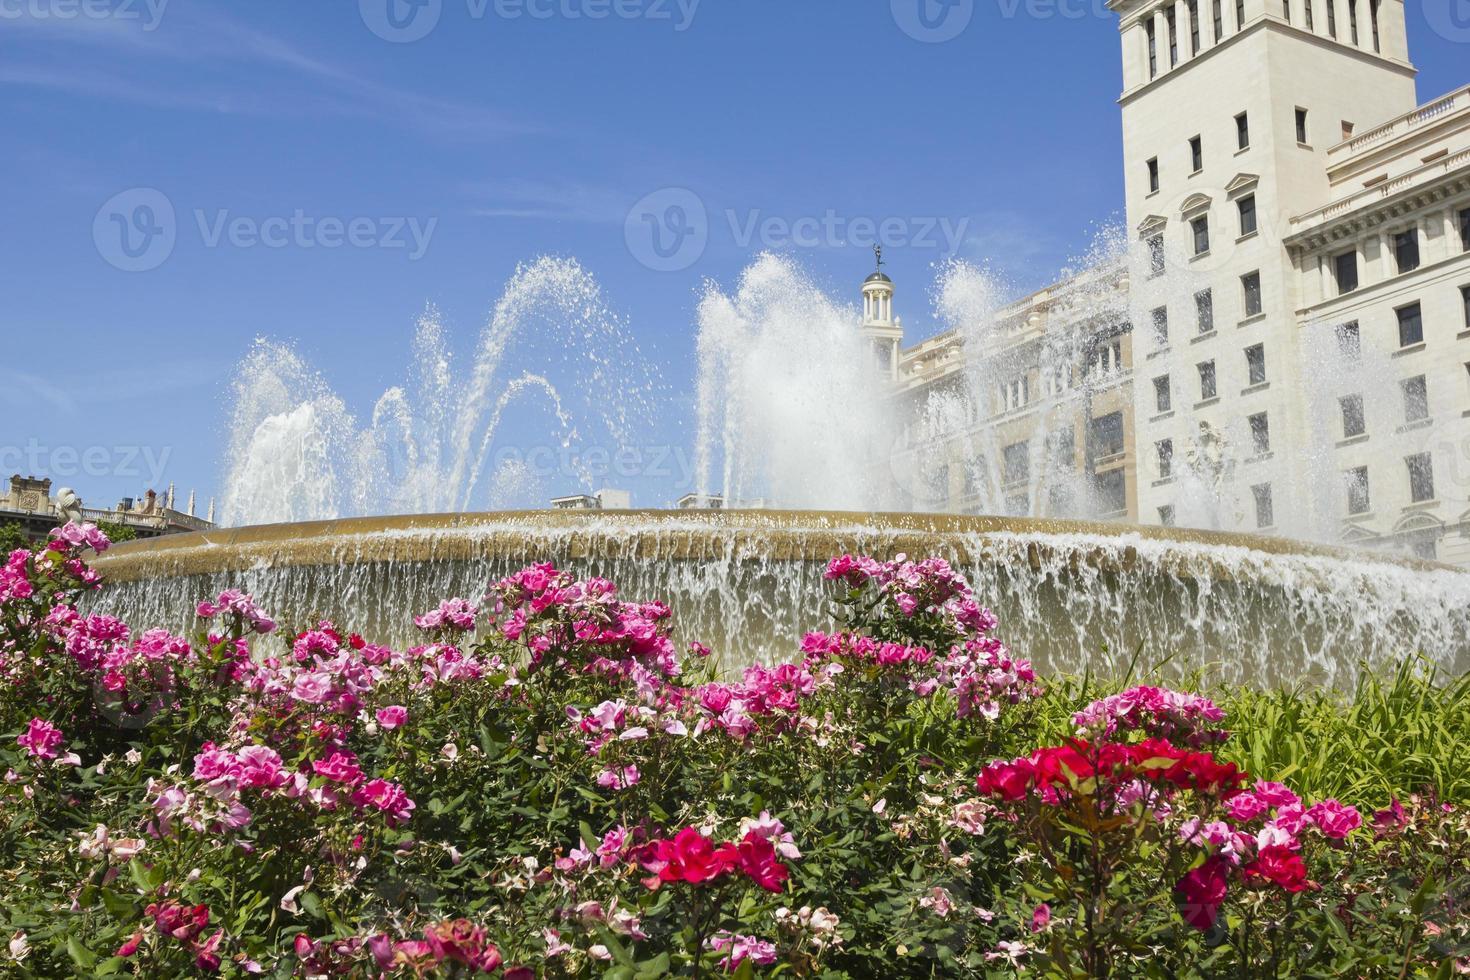 Catalonië vierkant. Barcelona, Spanje. foto